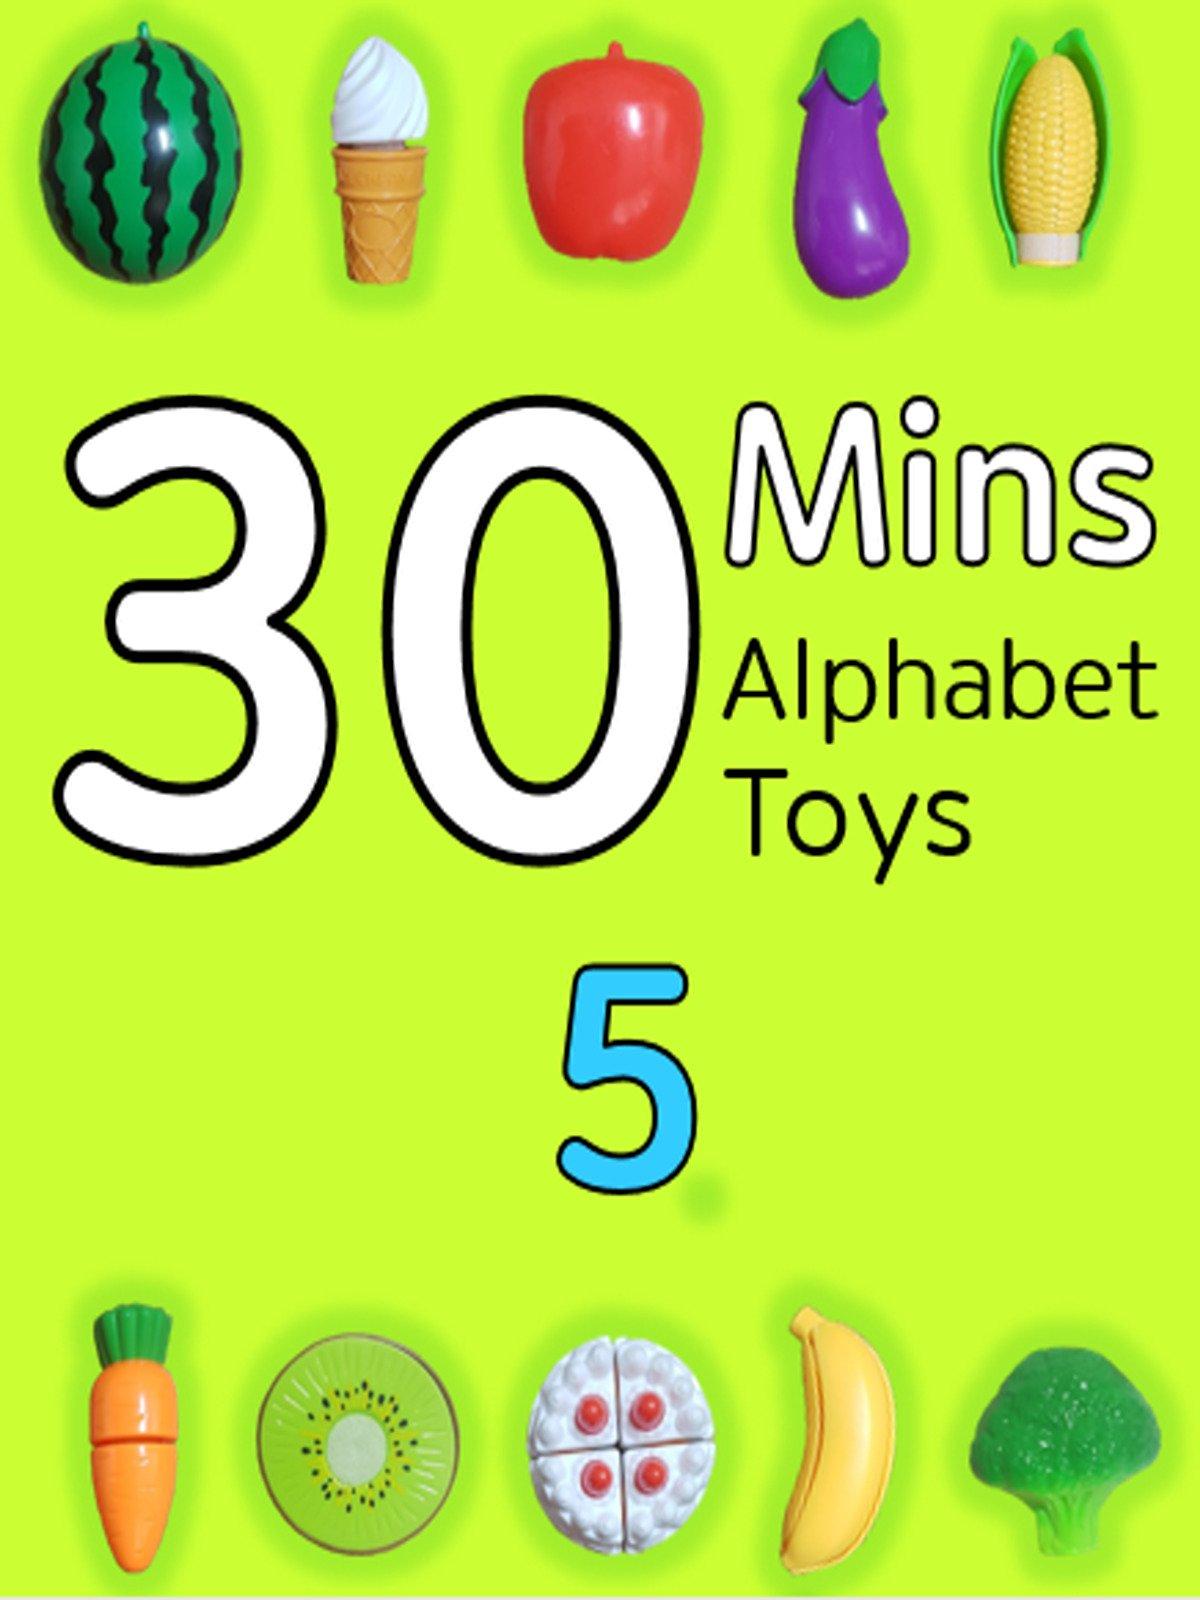 30 Minutes Alphabet Toys #5